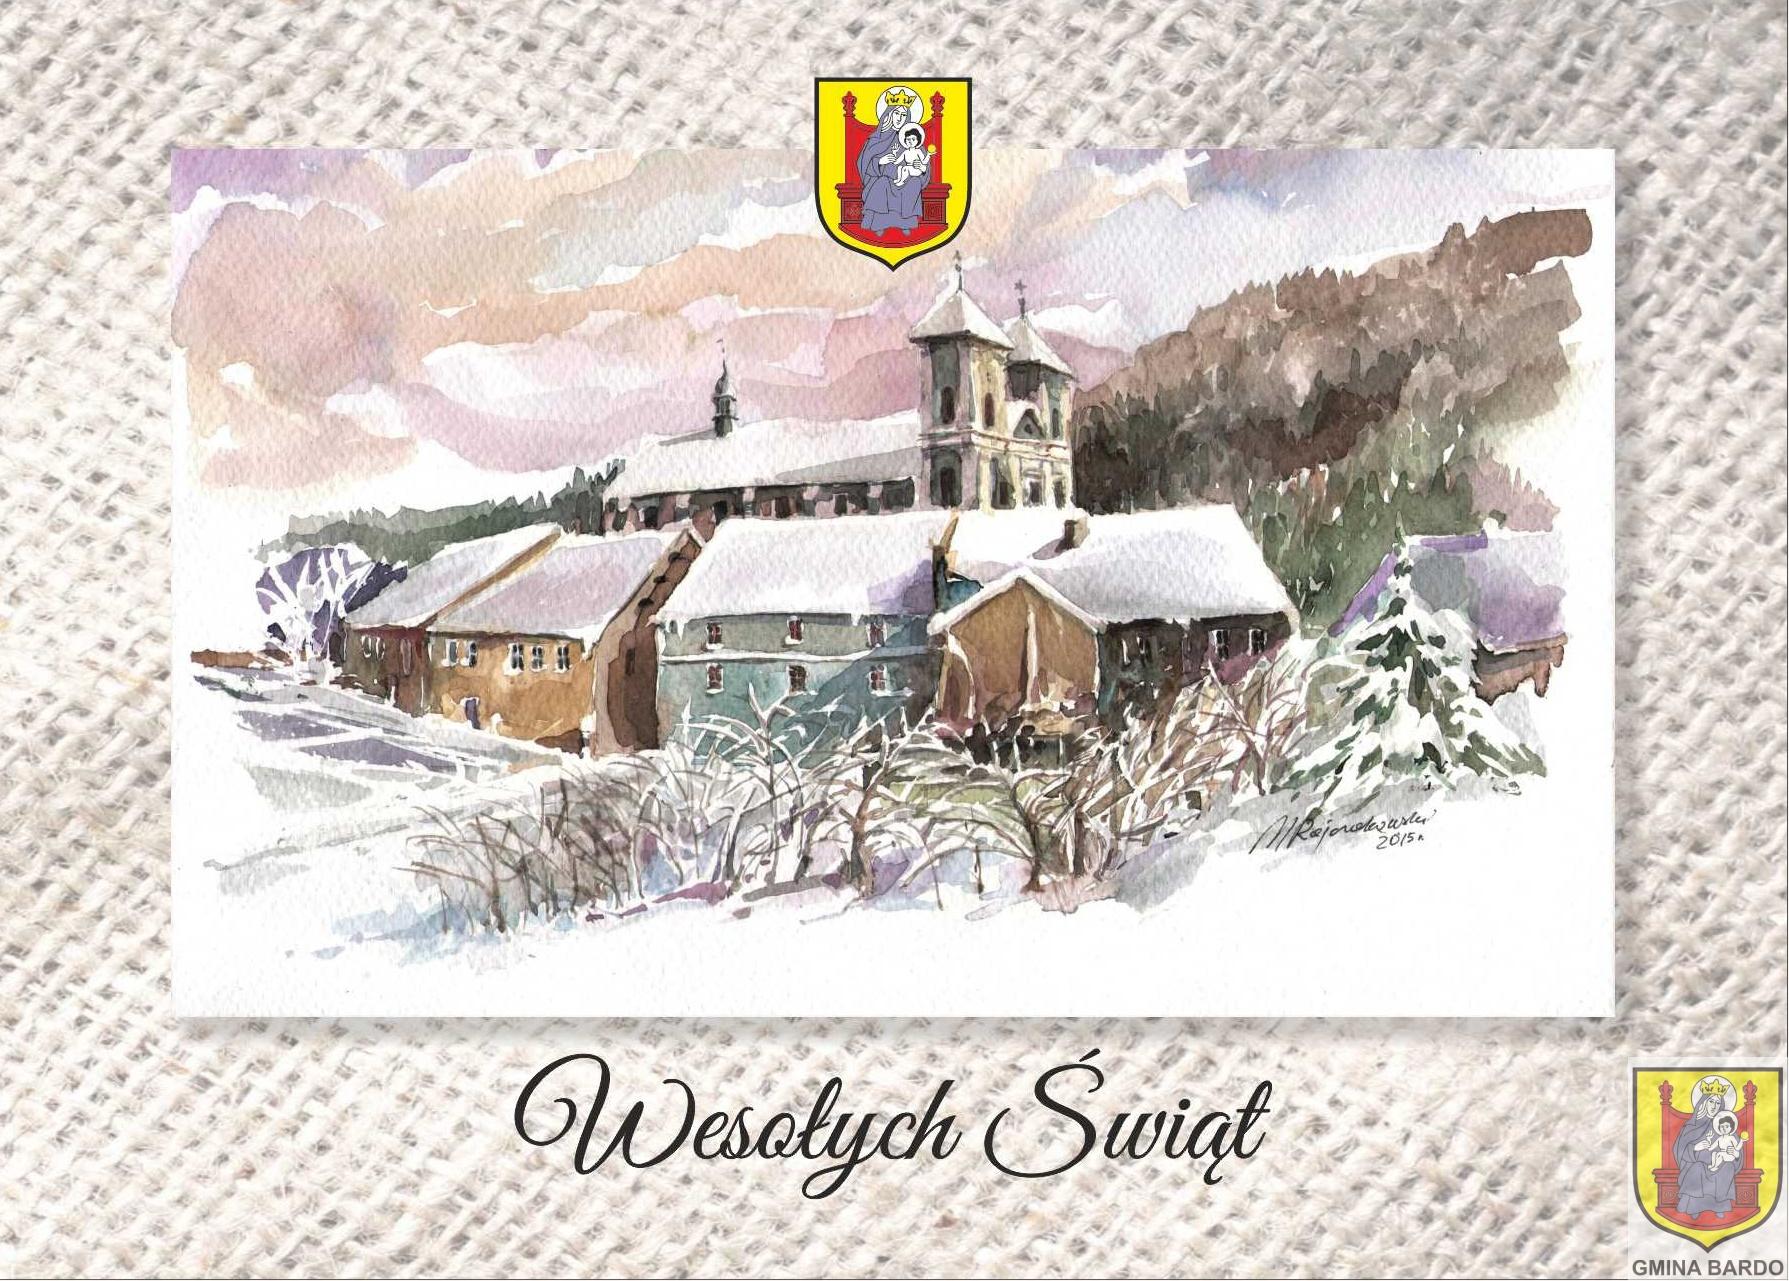 Życzenia Świąteczne Gmina Bardo